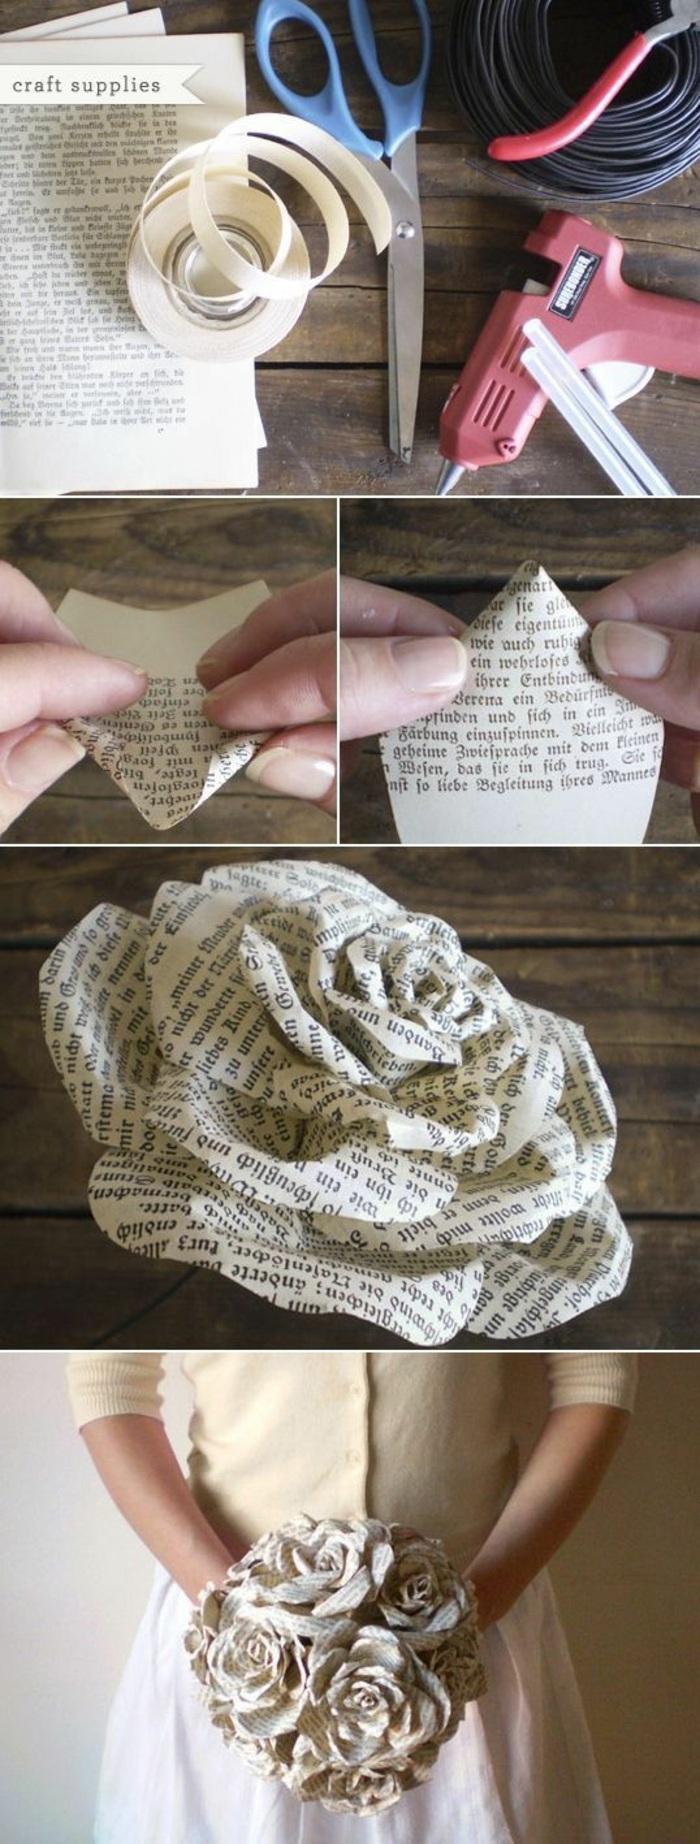 comment faire des fleurs en papier, diy rose en papier, technique origami facile, activité manuelle printemps